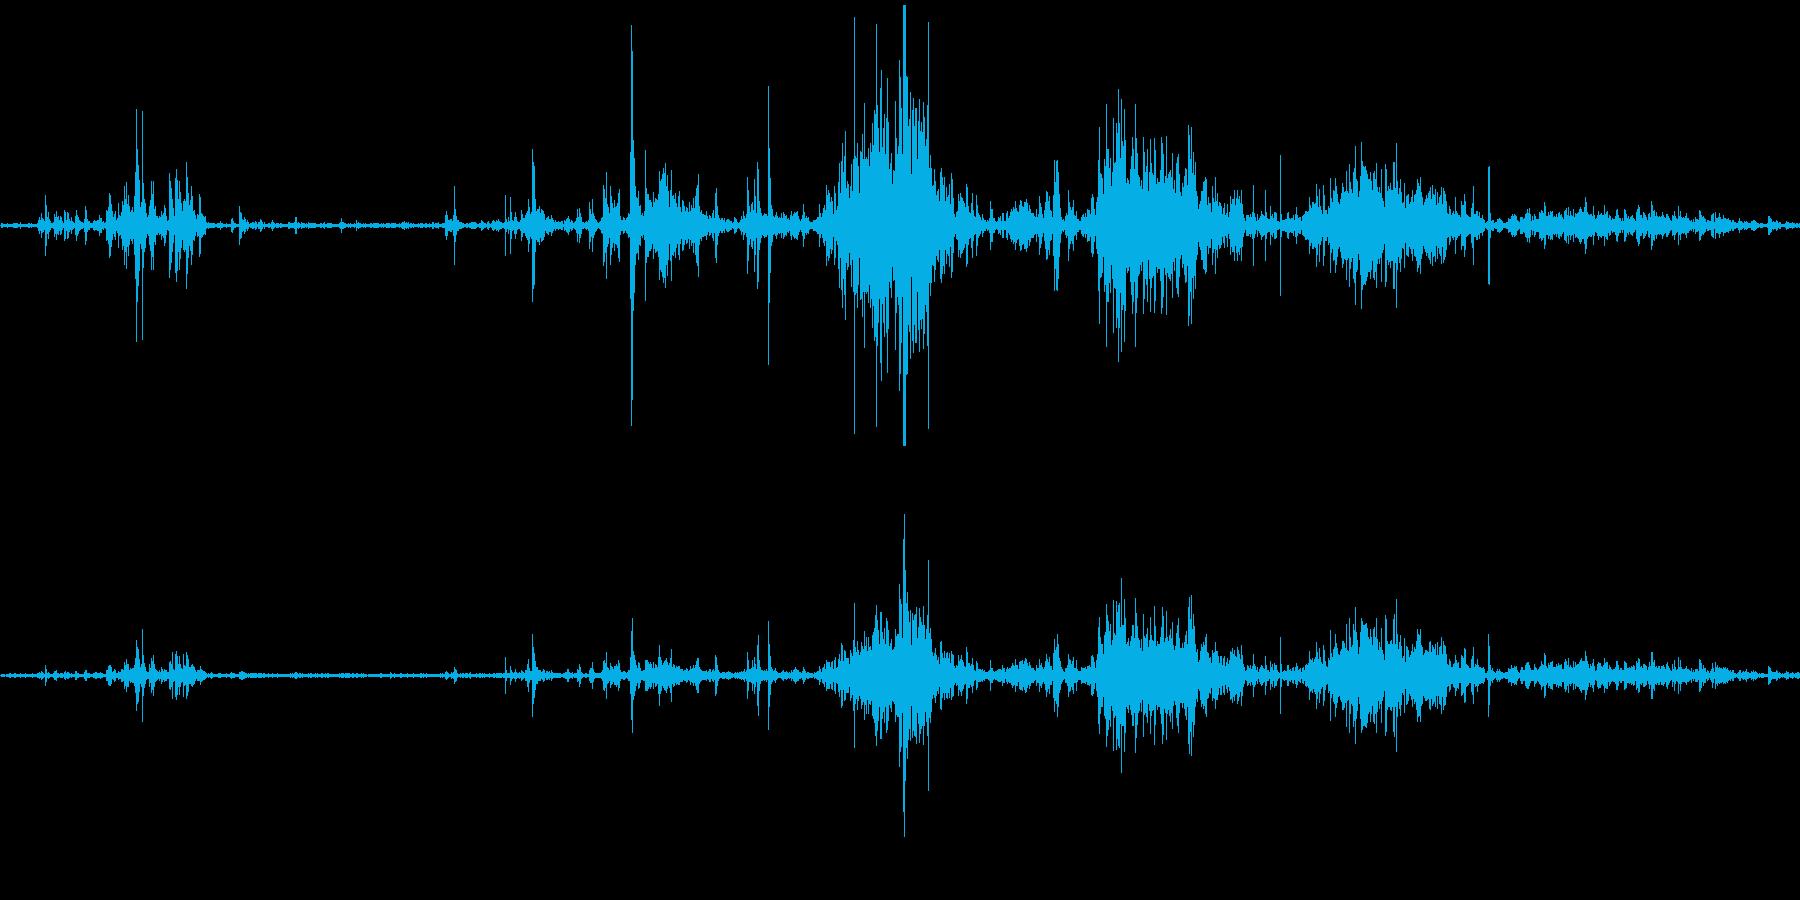 スケボー(スケートボード)の音の再生済みの波形